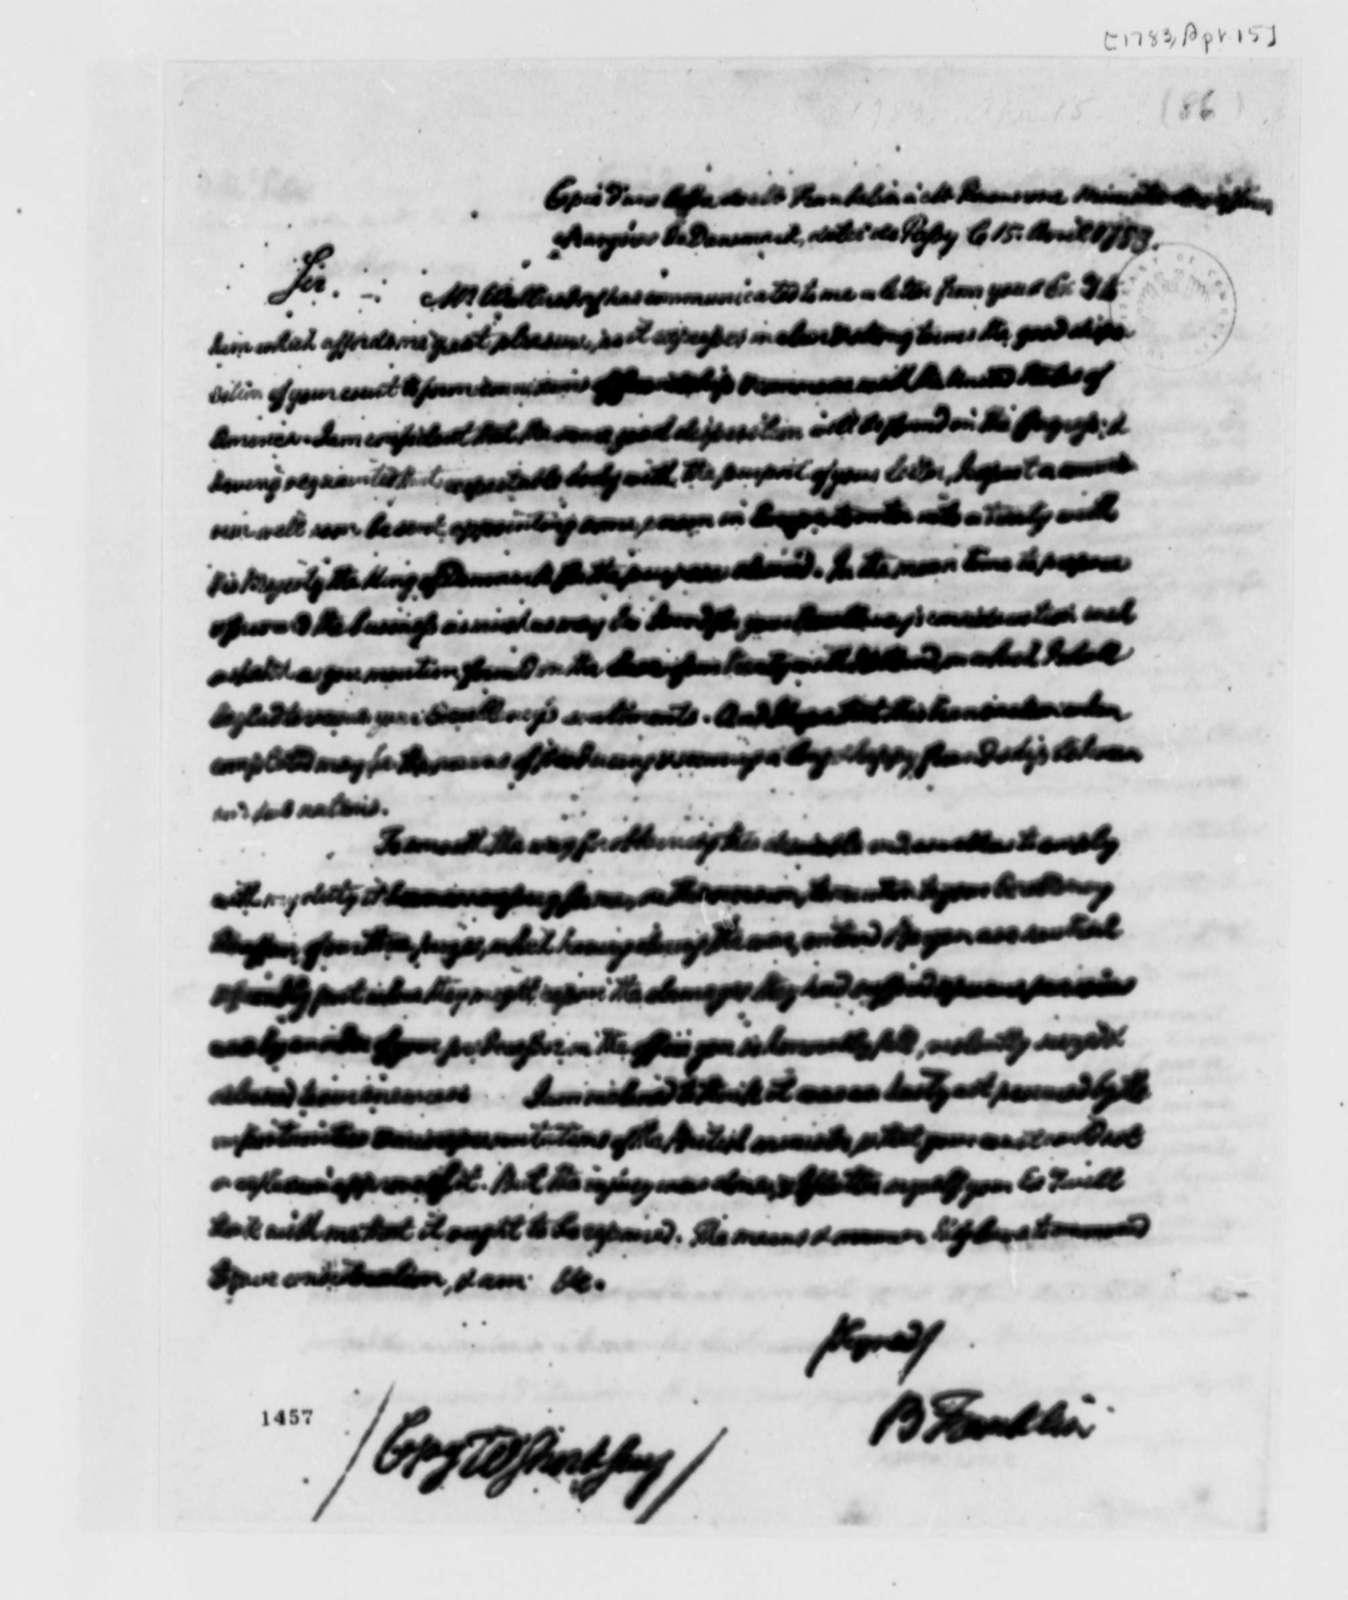 Benjamin Franklin to Baron Rosencrone, April 15, 1783